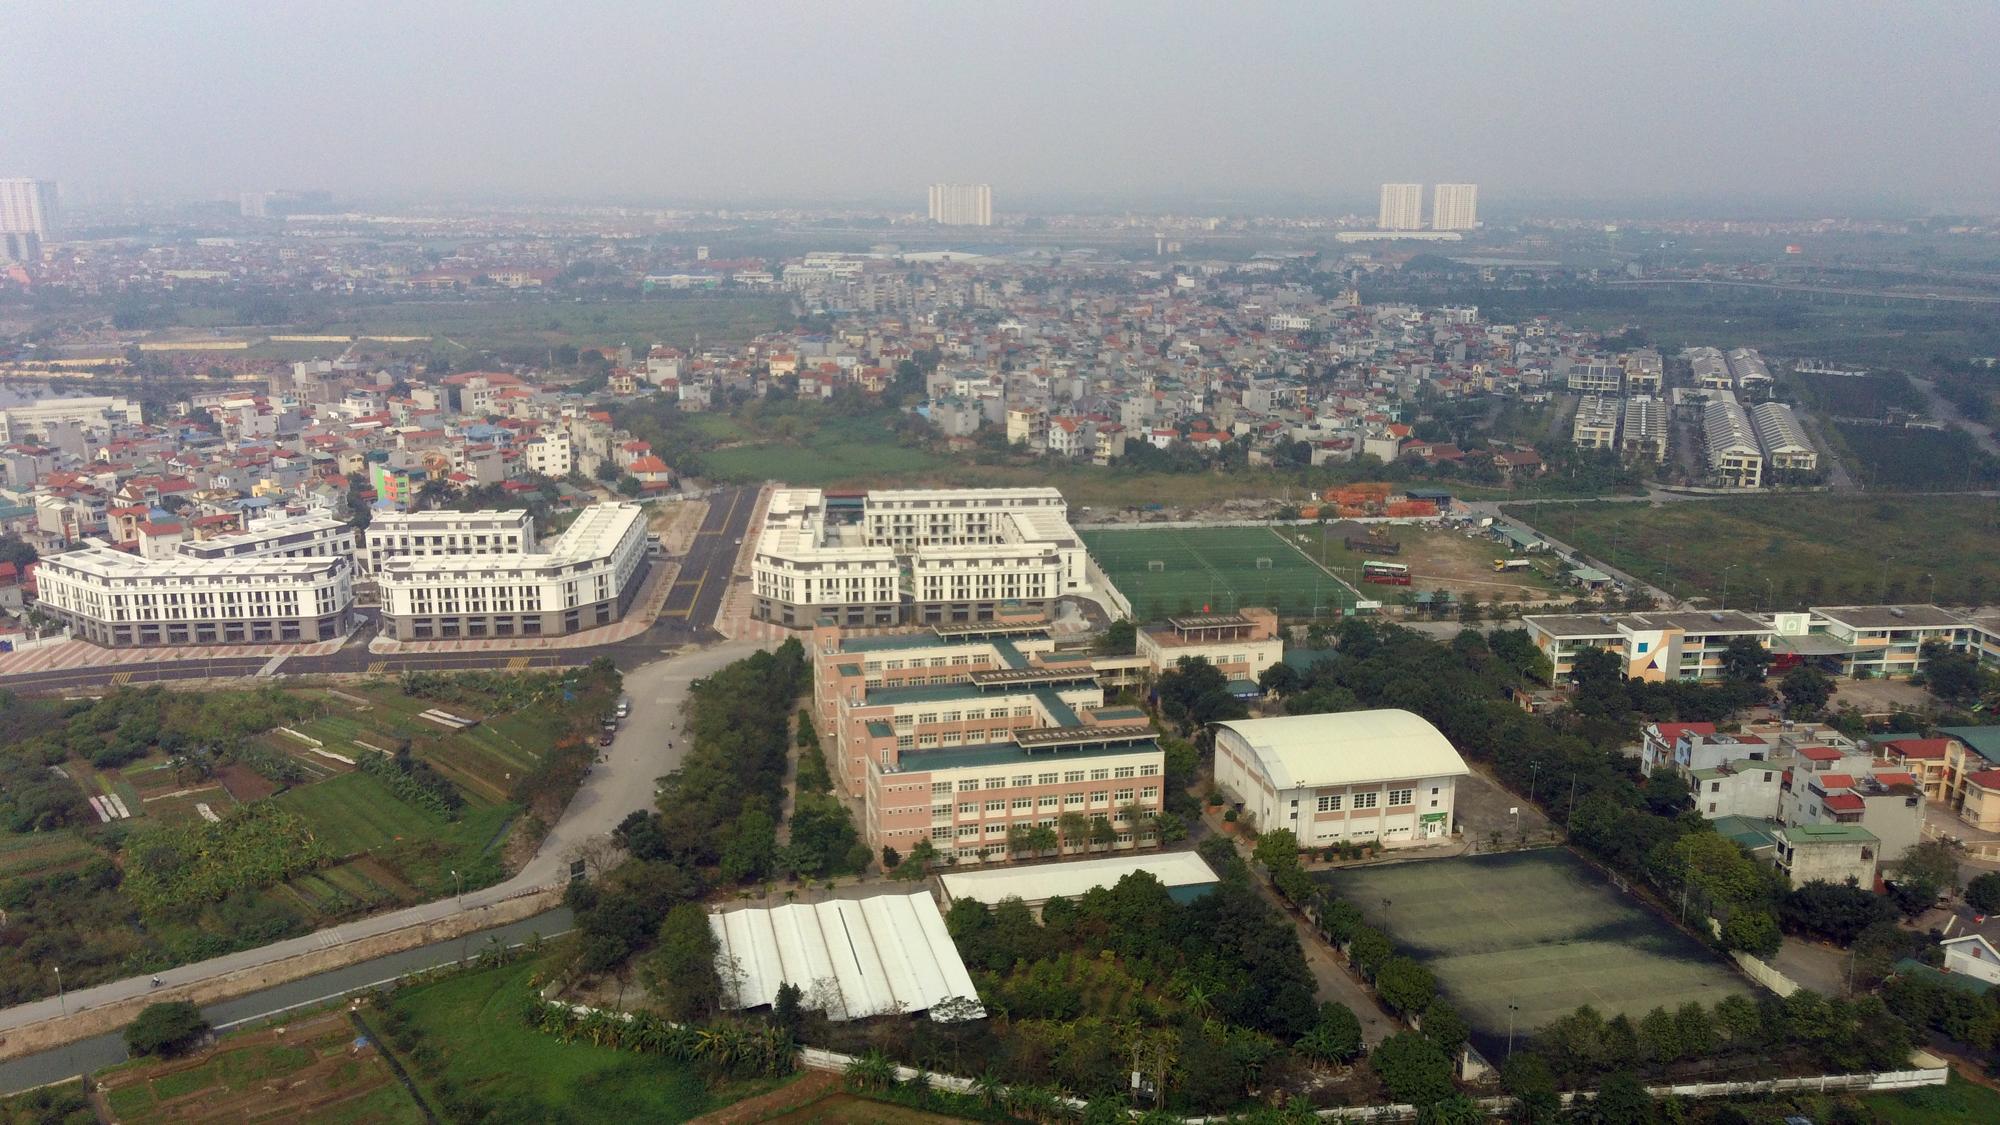 Những dự án chung cư gần các khu đất sẽ đào hồ lớn ở quận Long Biên - Ảnh 6.